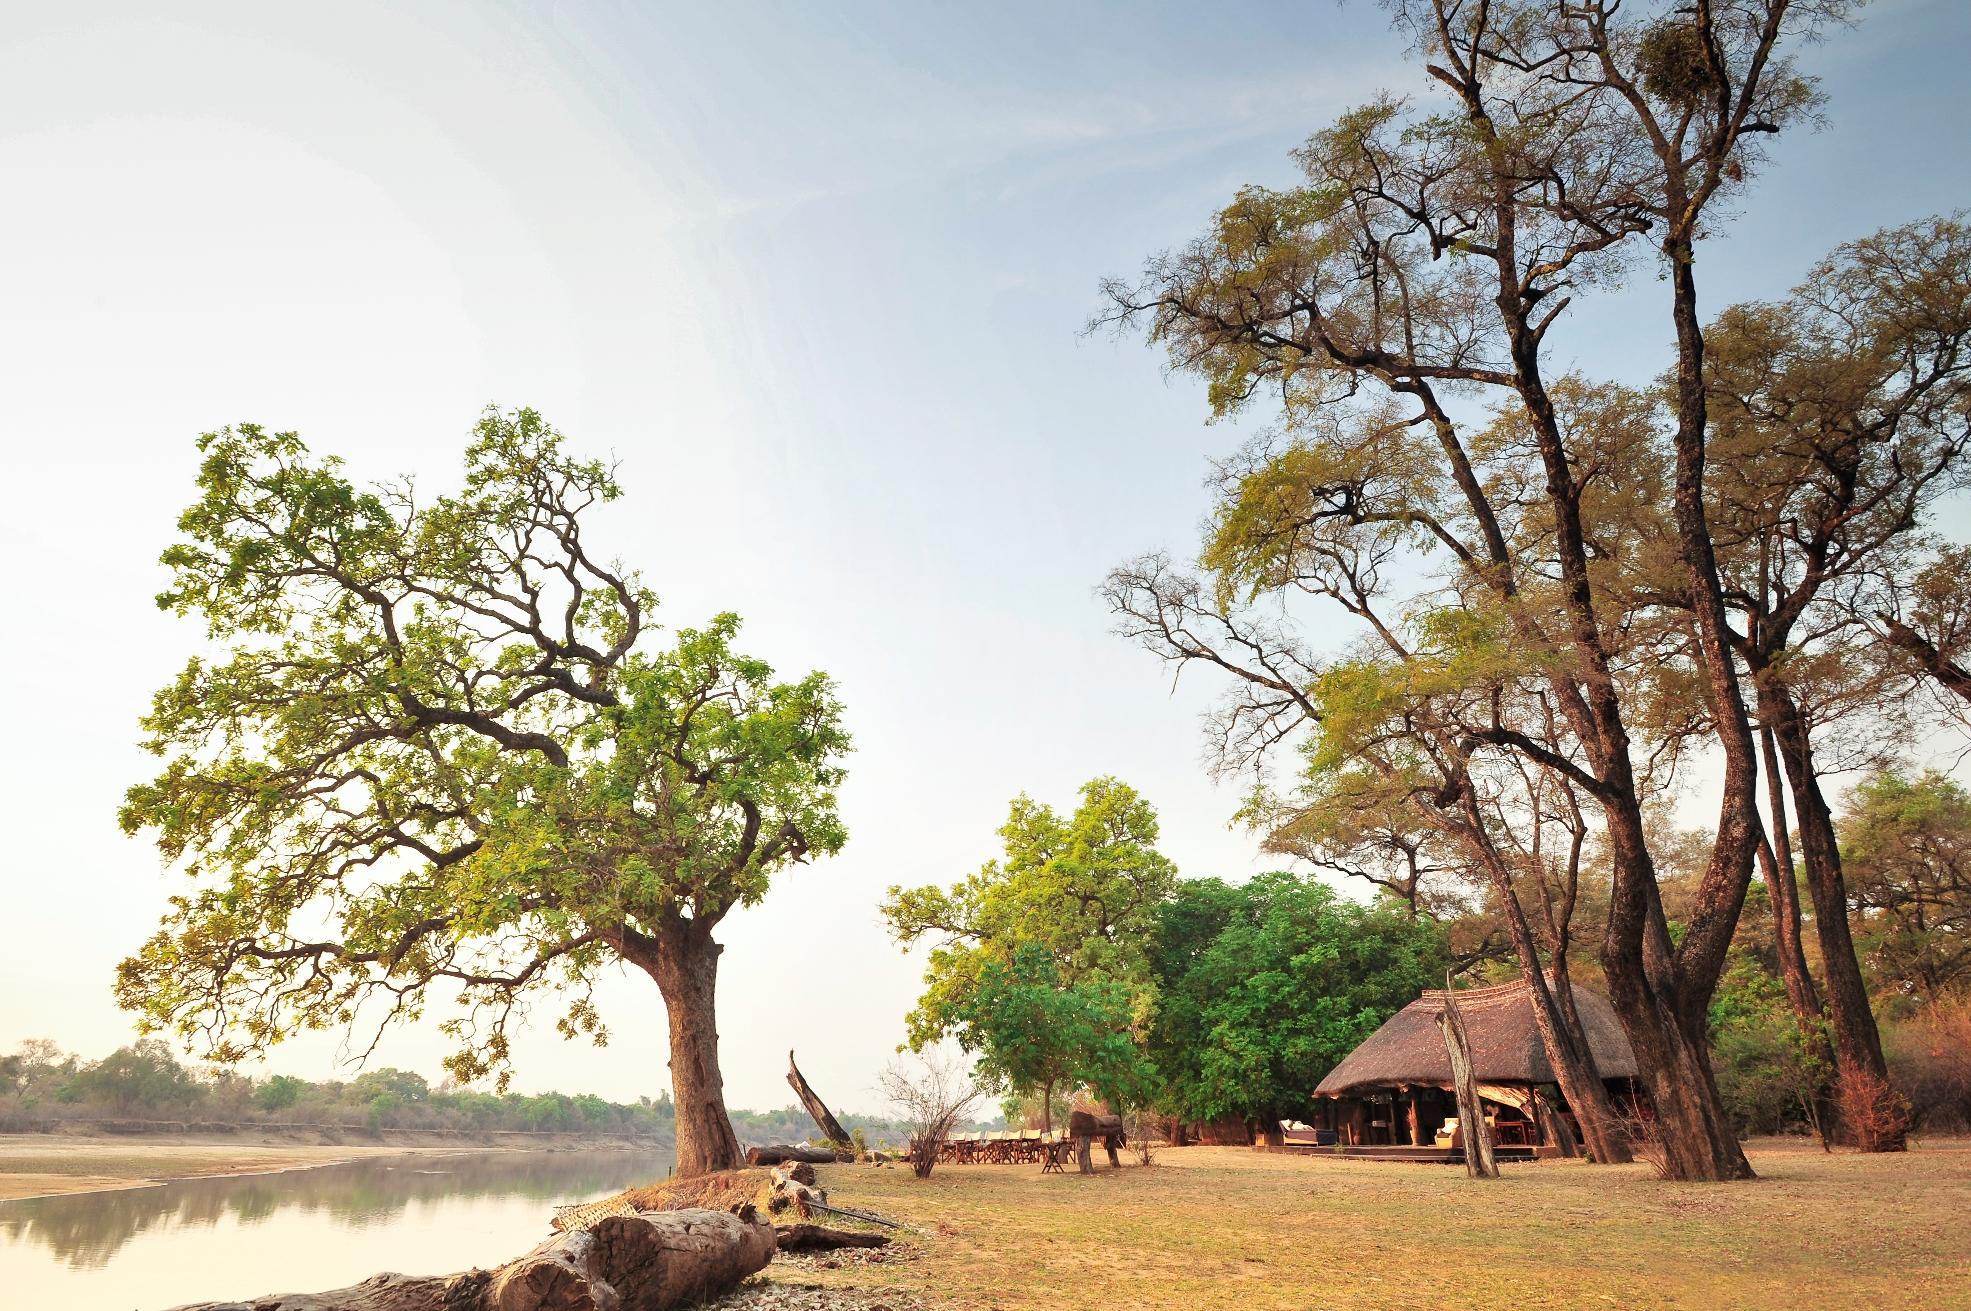 Best Safari Camp in Zambia, Casalio Travel, Reisen Urlaub, Luxury